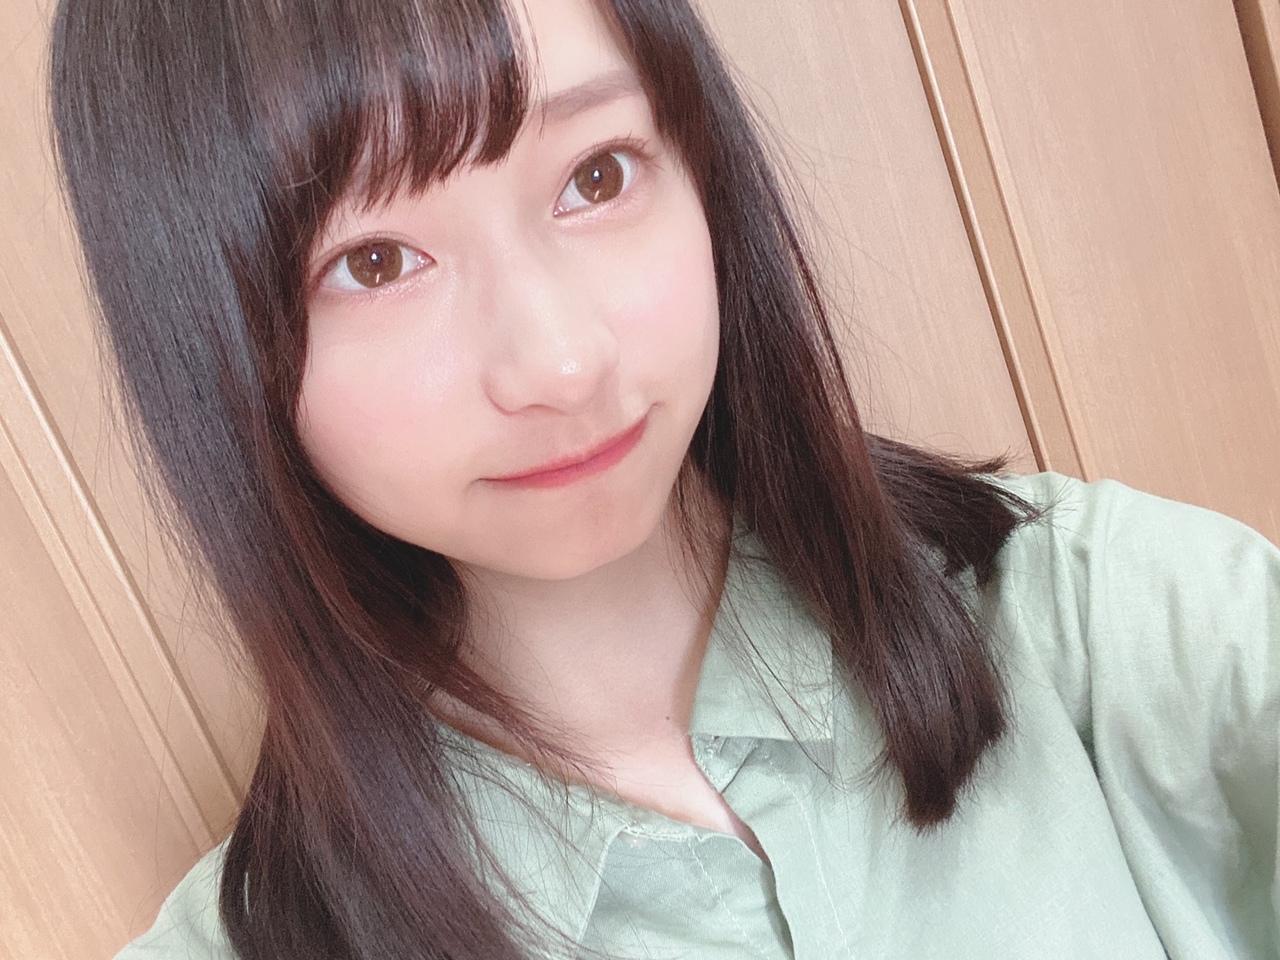 影山優佳ちゃんの「さいきんともだちにかわいいかわいいっていわれてじぶんかわいいかもしれないなんておもってないもん」